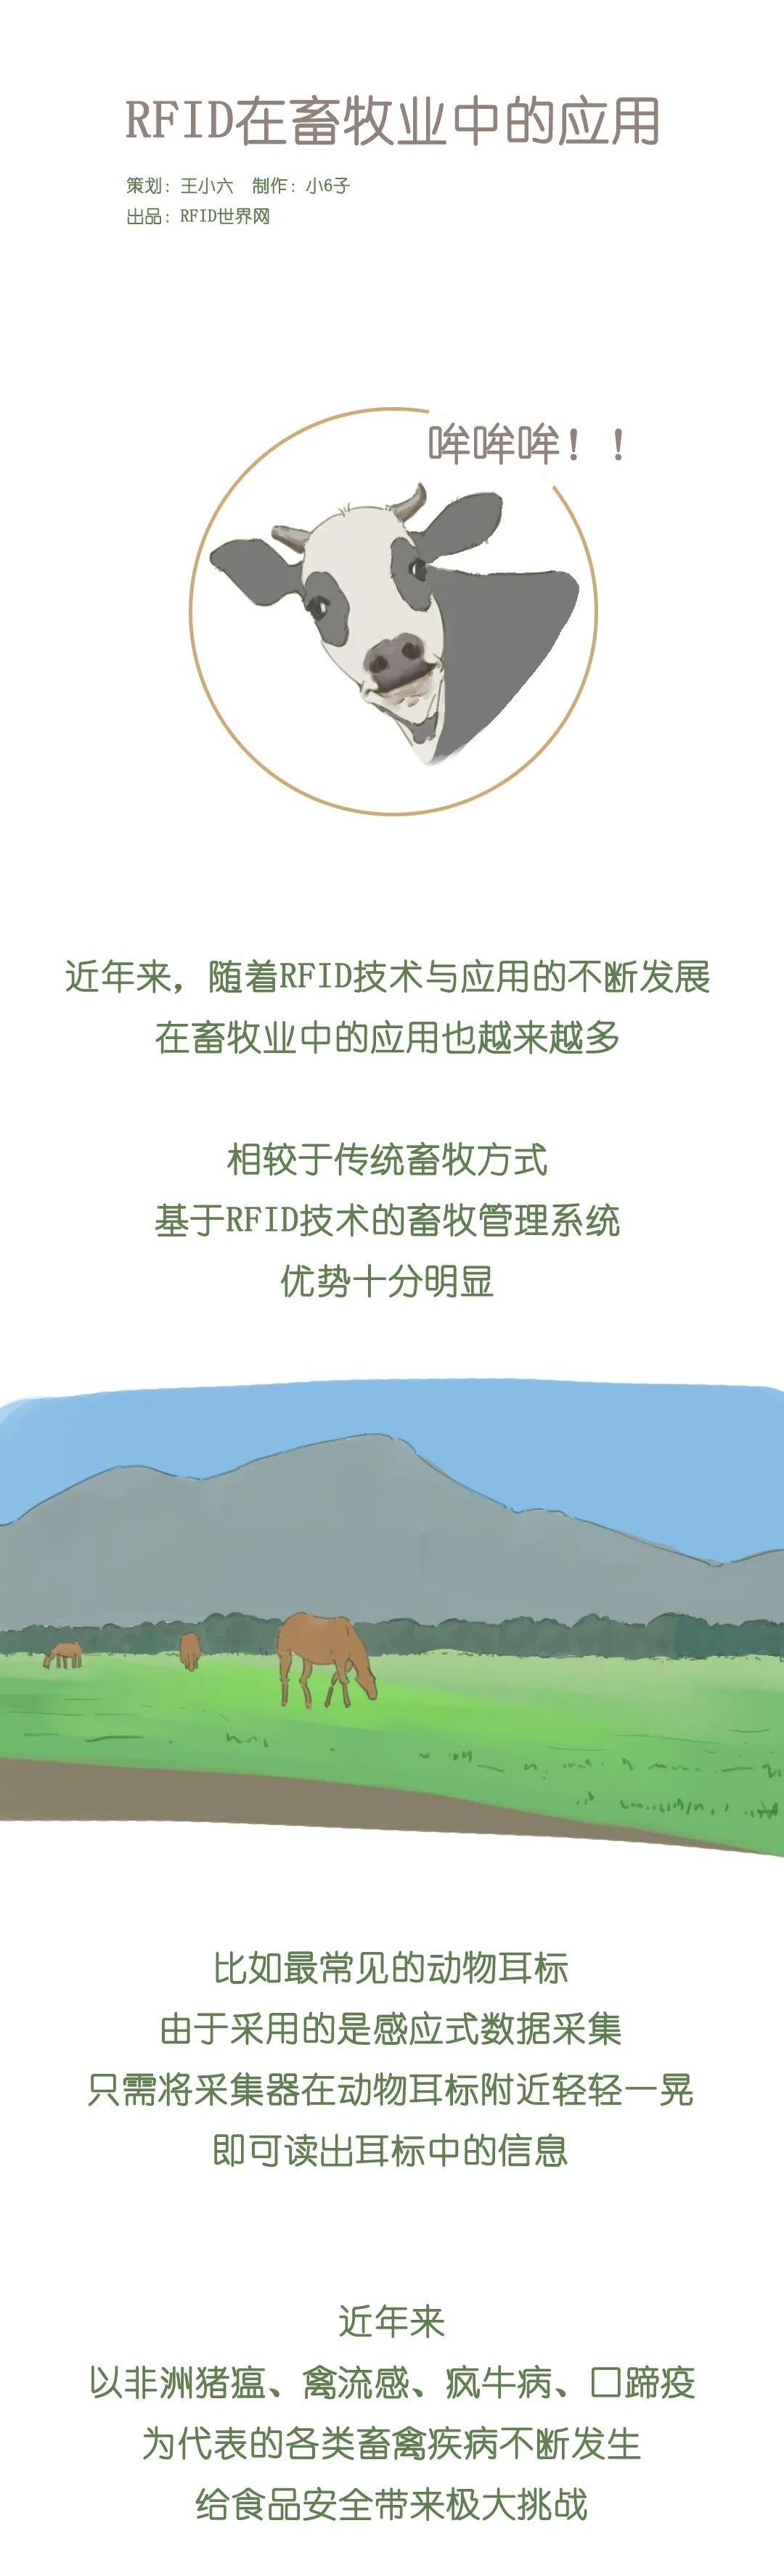 小六漫画 | RFID在畜牧业中的应用